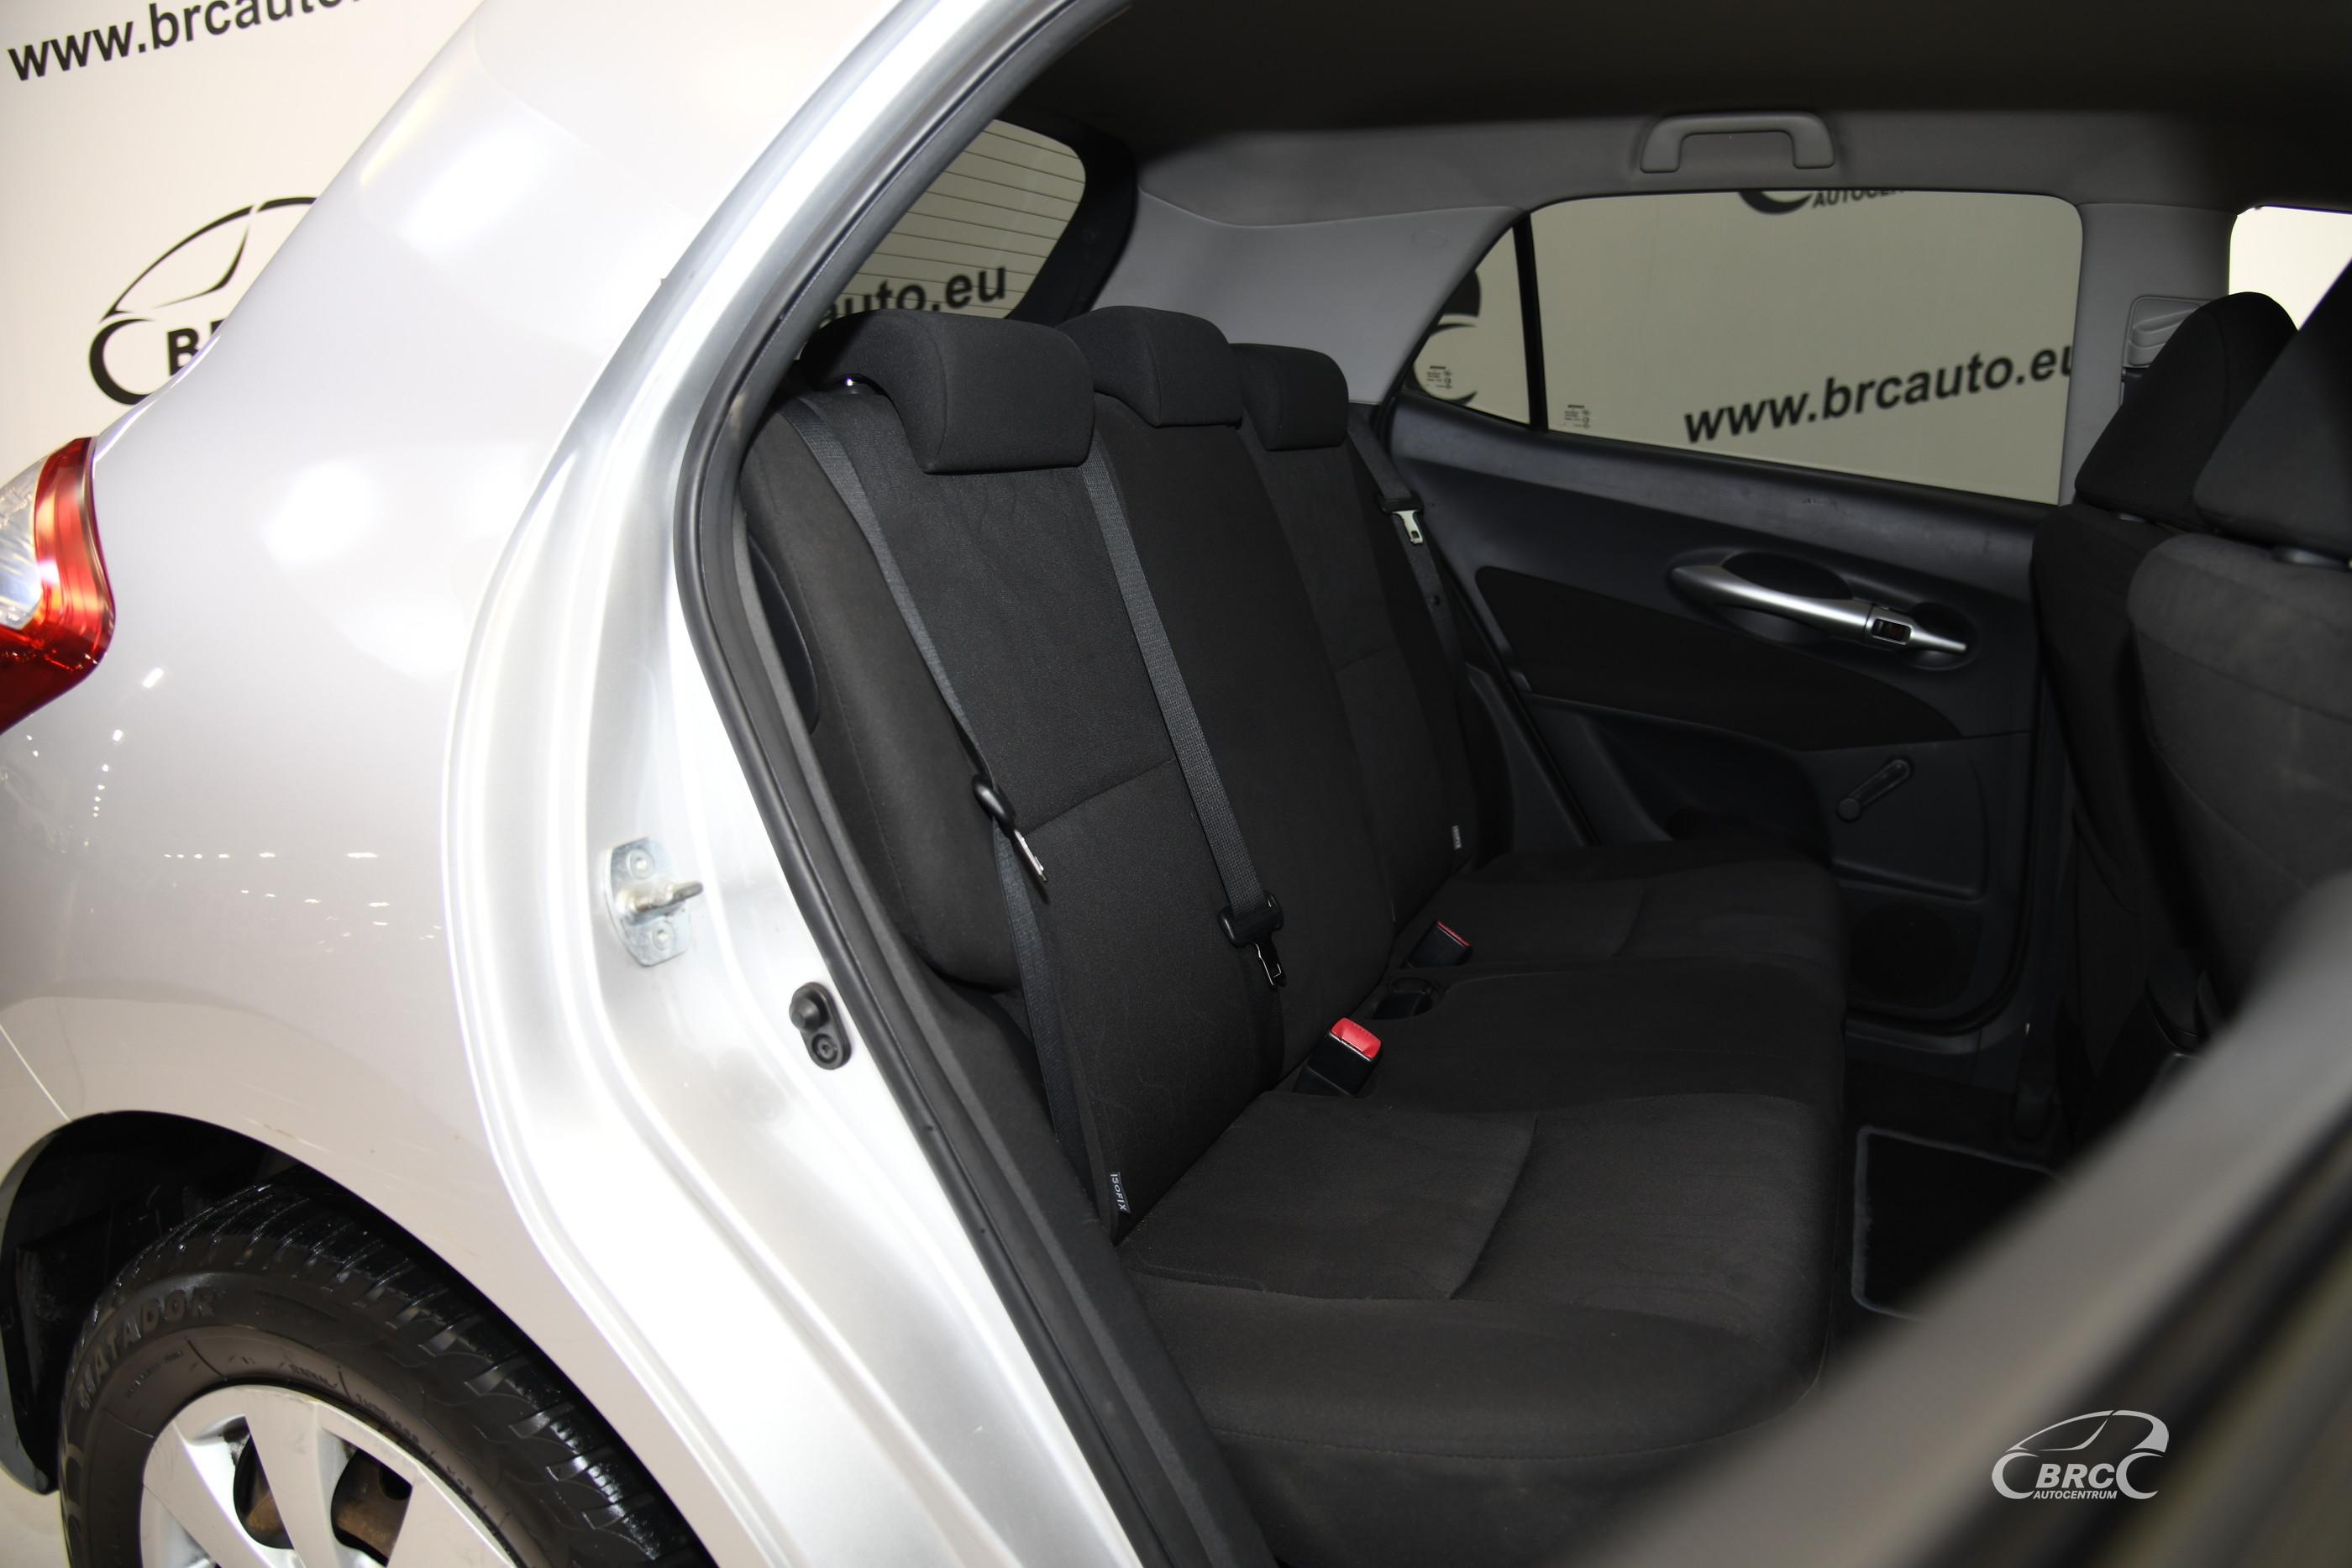 Toyota Auris 1.4 D4-D